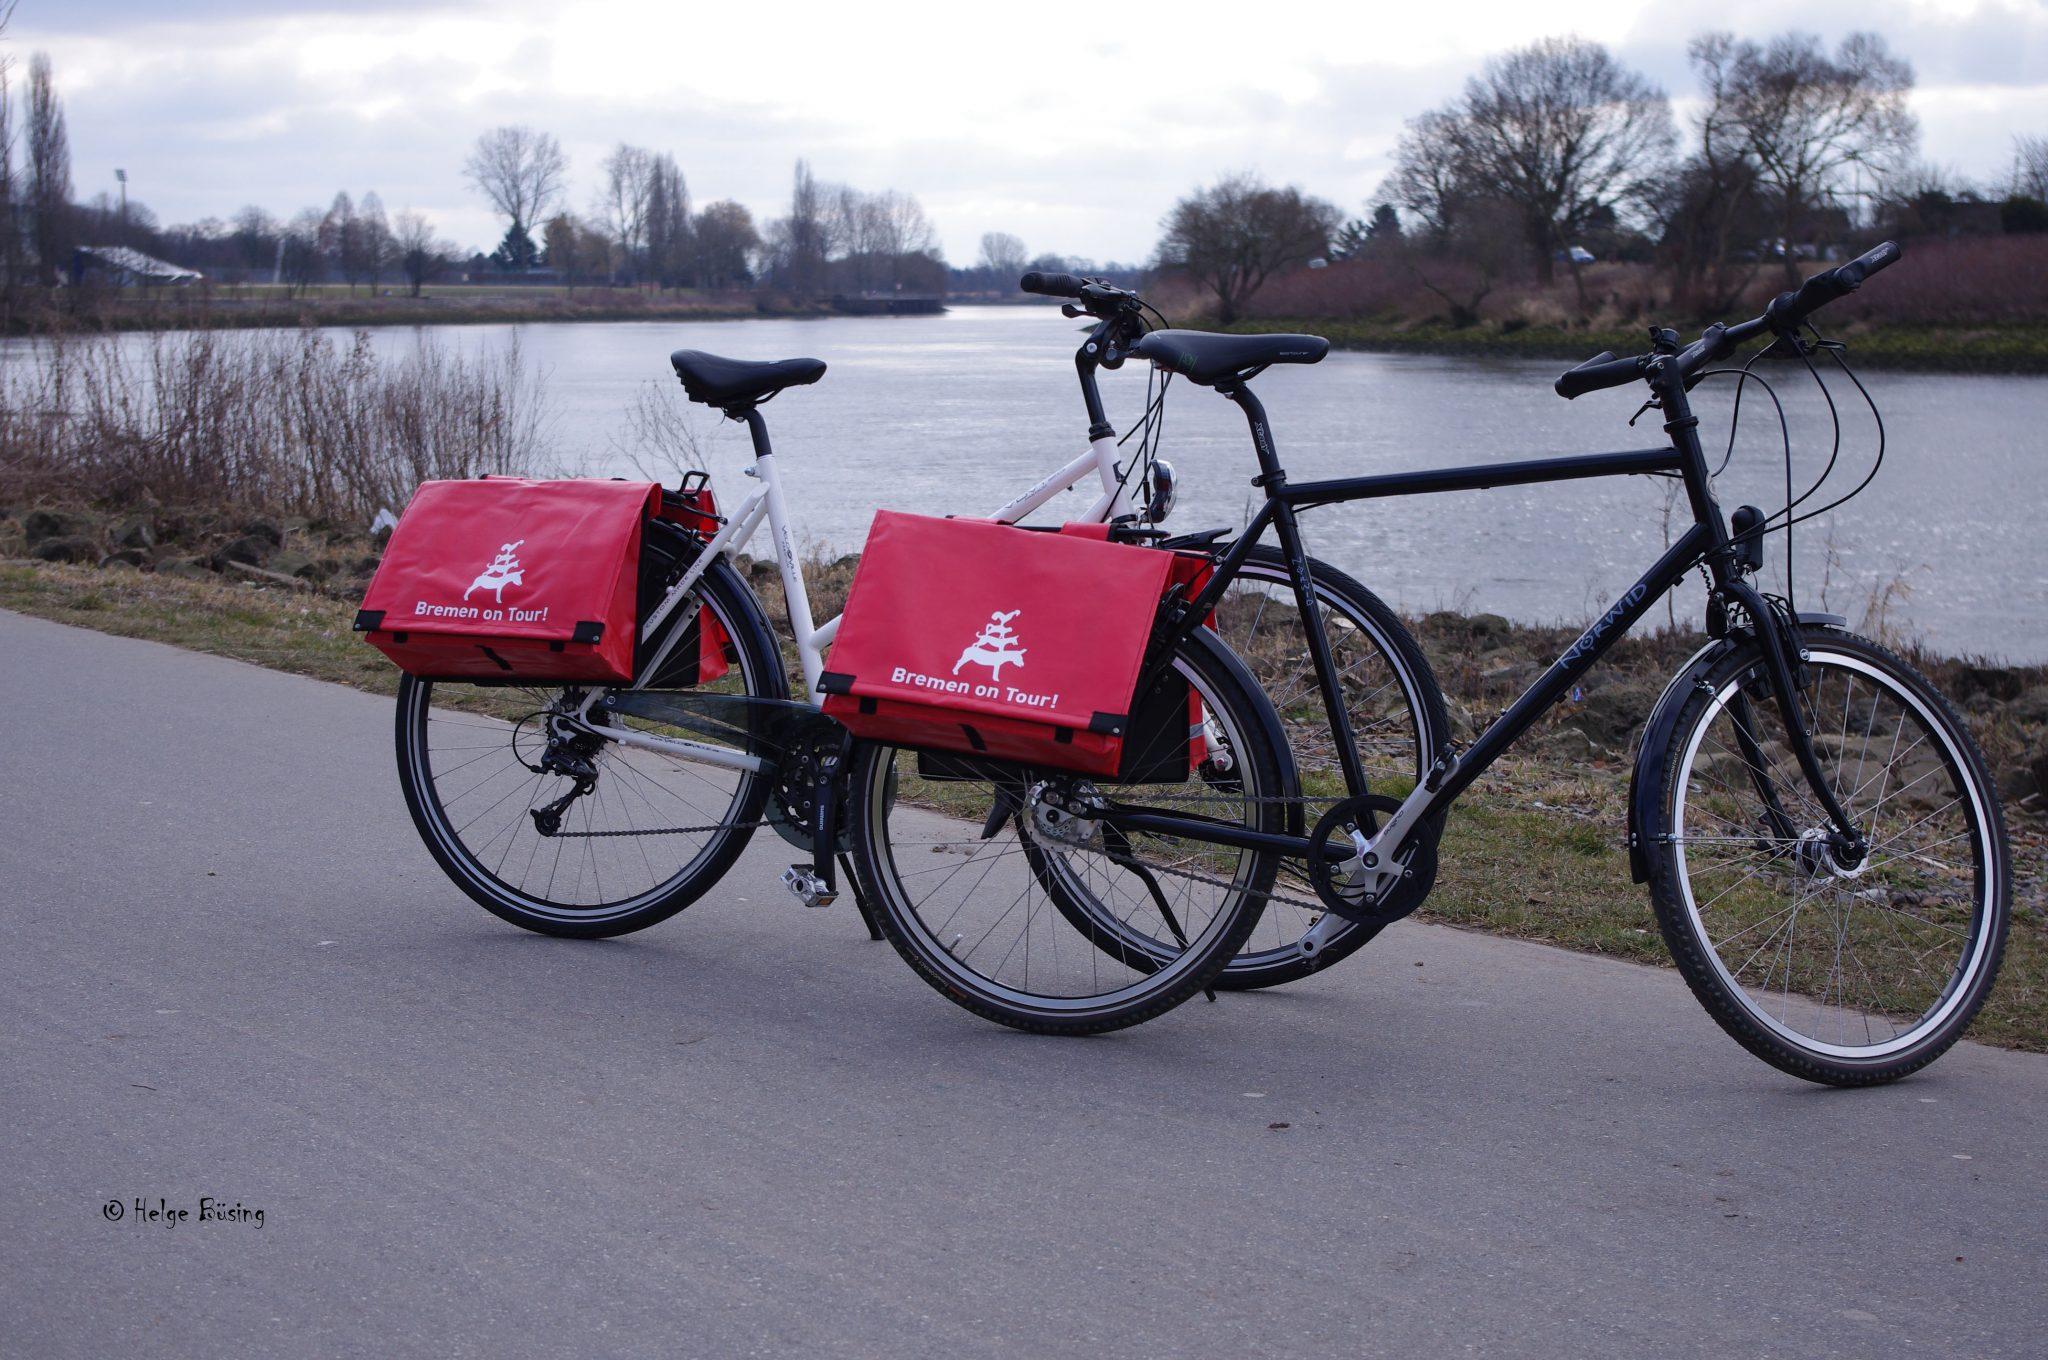 Bremen on Tour Satteltaschen1